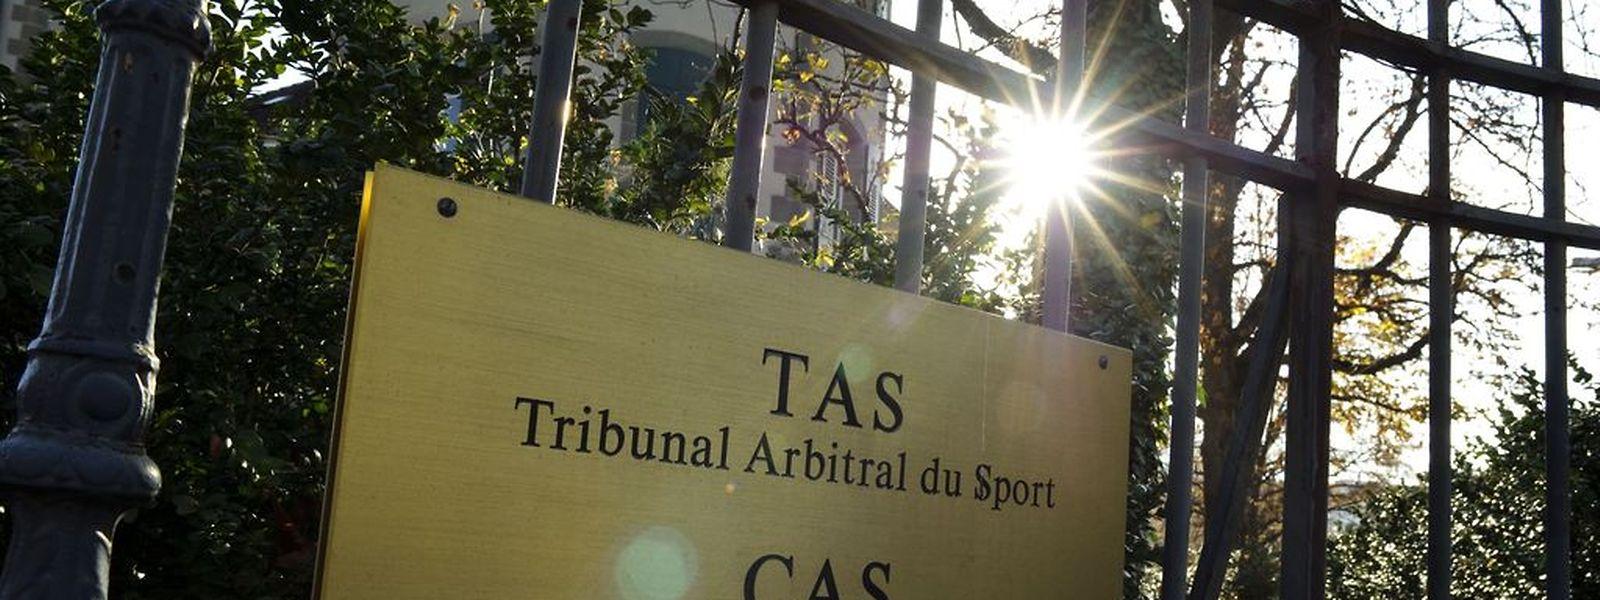 C'est devant le Tribunal Arbitral du Sport (TAS) que Maître Frank a défendu les intérêts du CS Grevenmacher